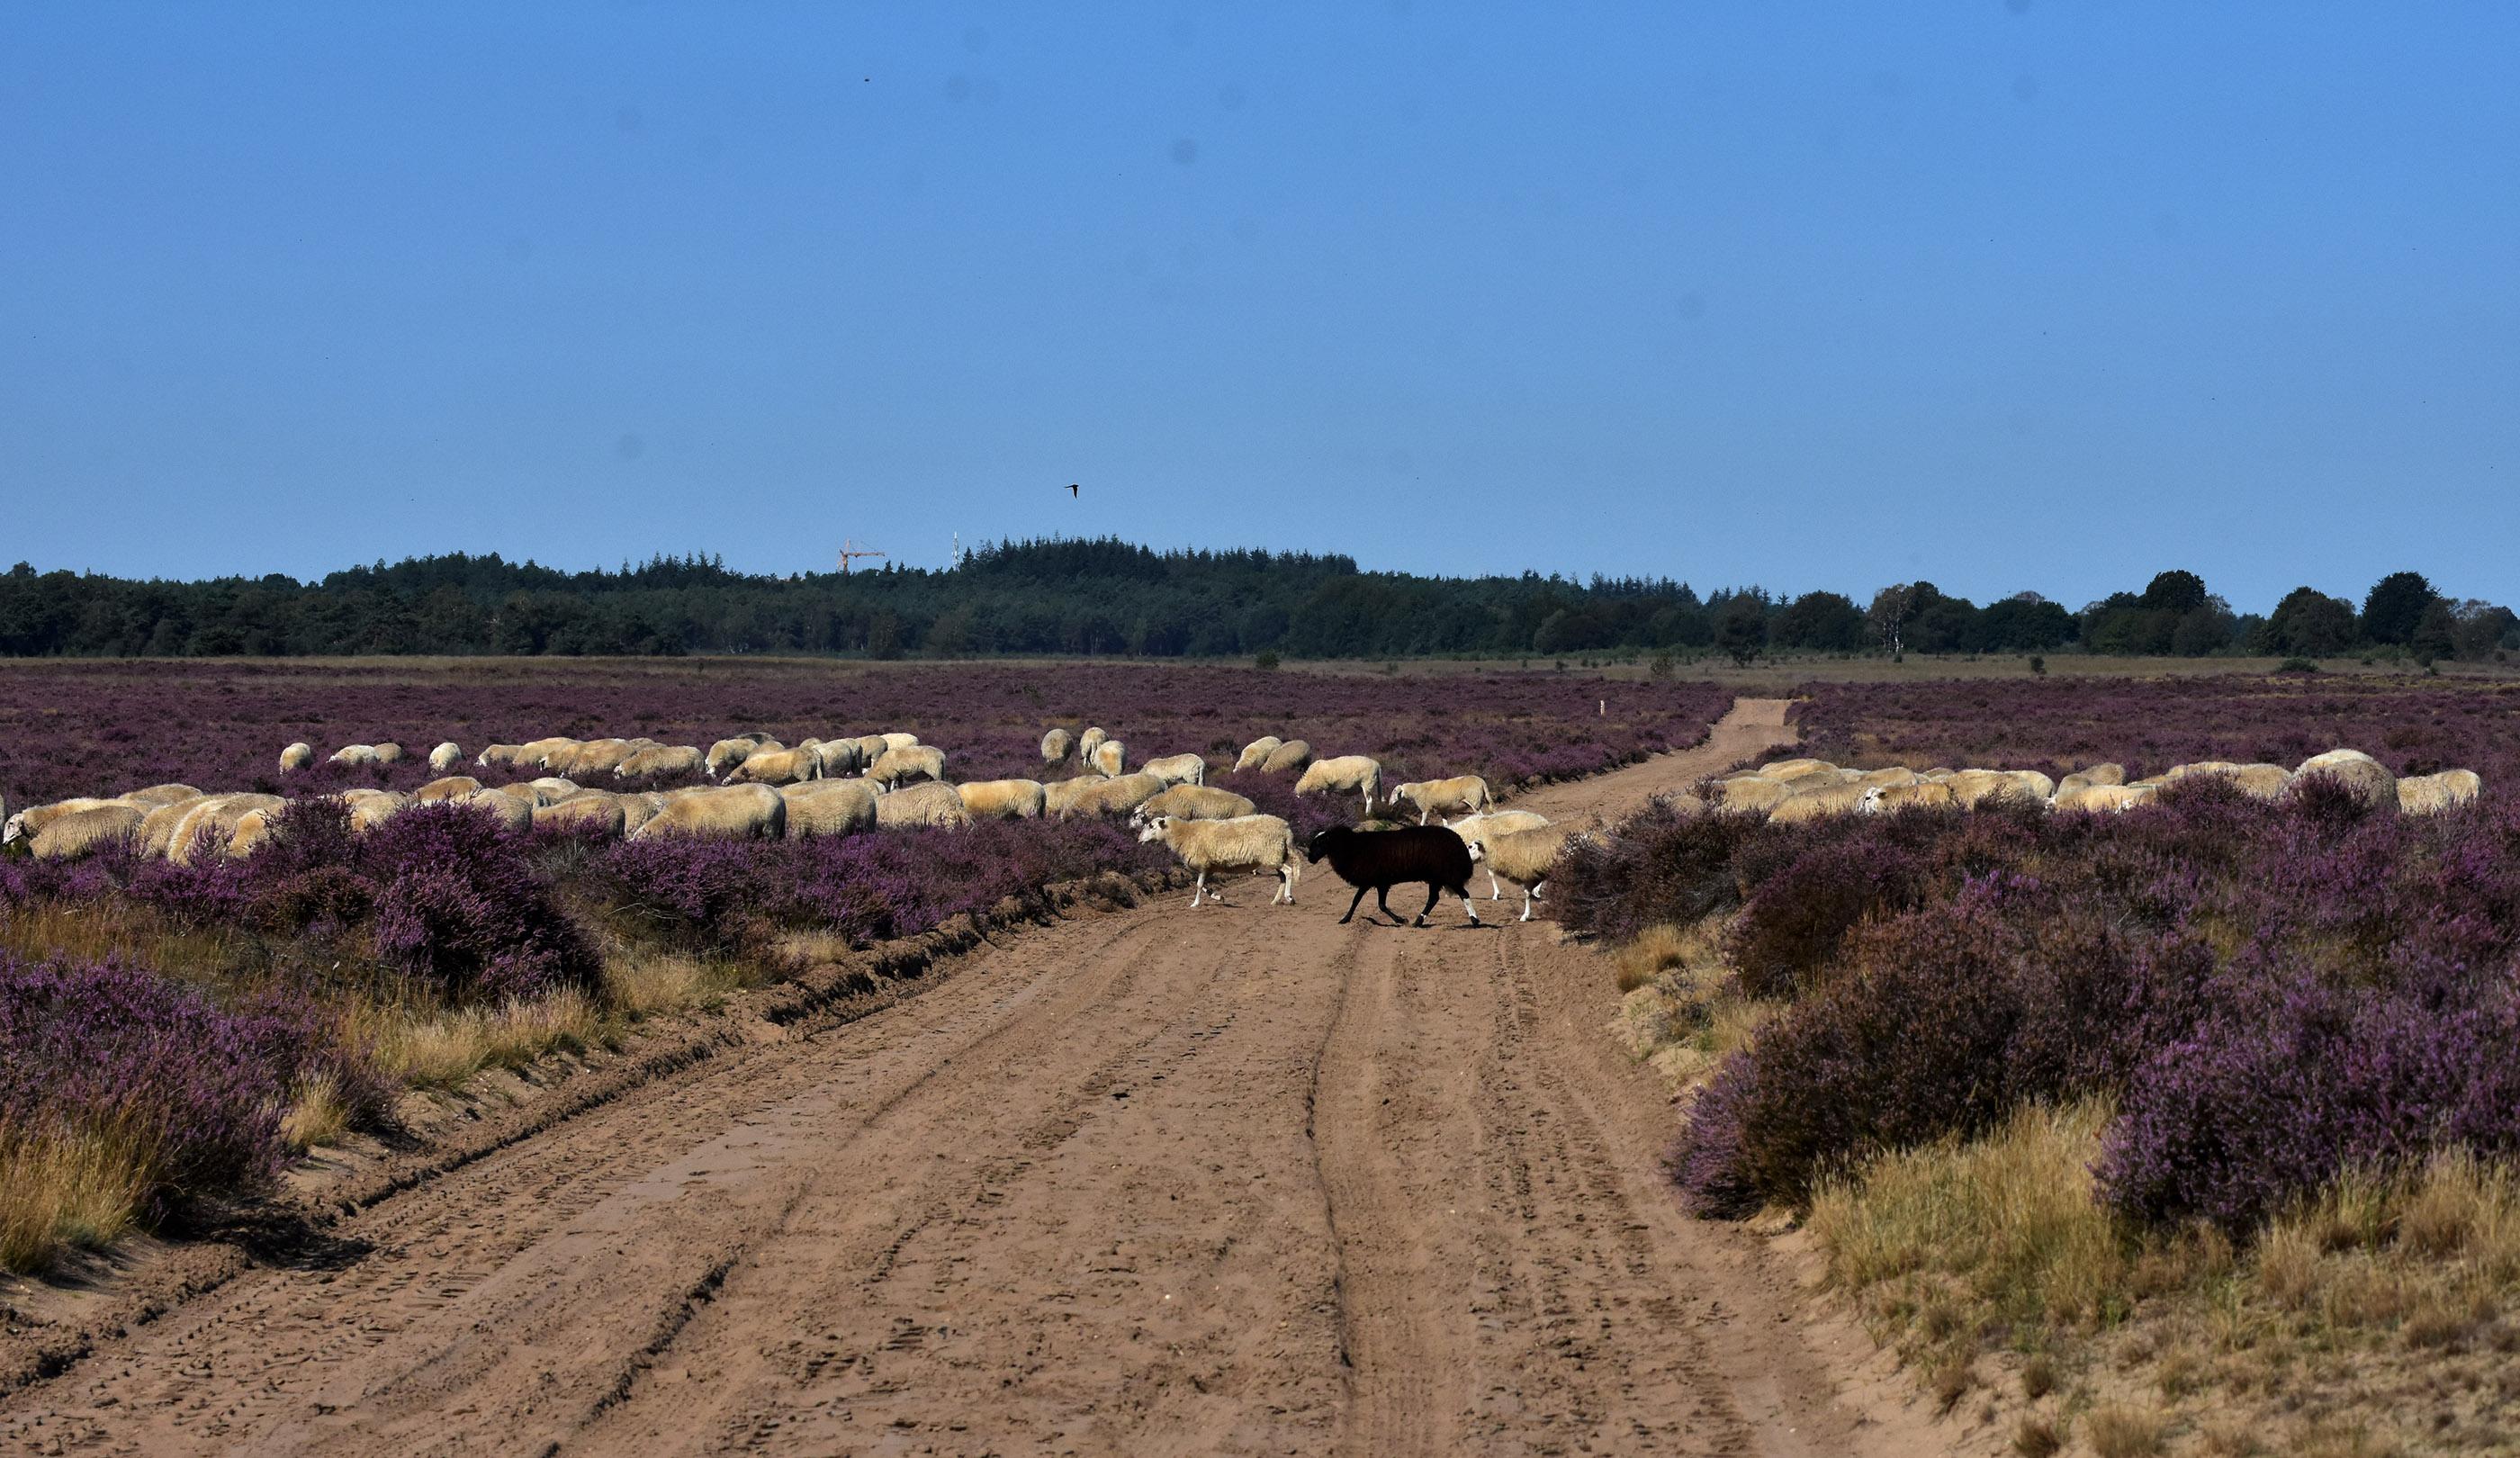 Kijk... er loopt ook nog een zwart schaap tussen de anderen - Foto: ©Louis Fraanje